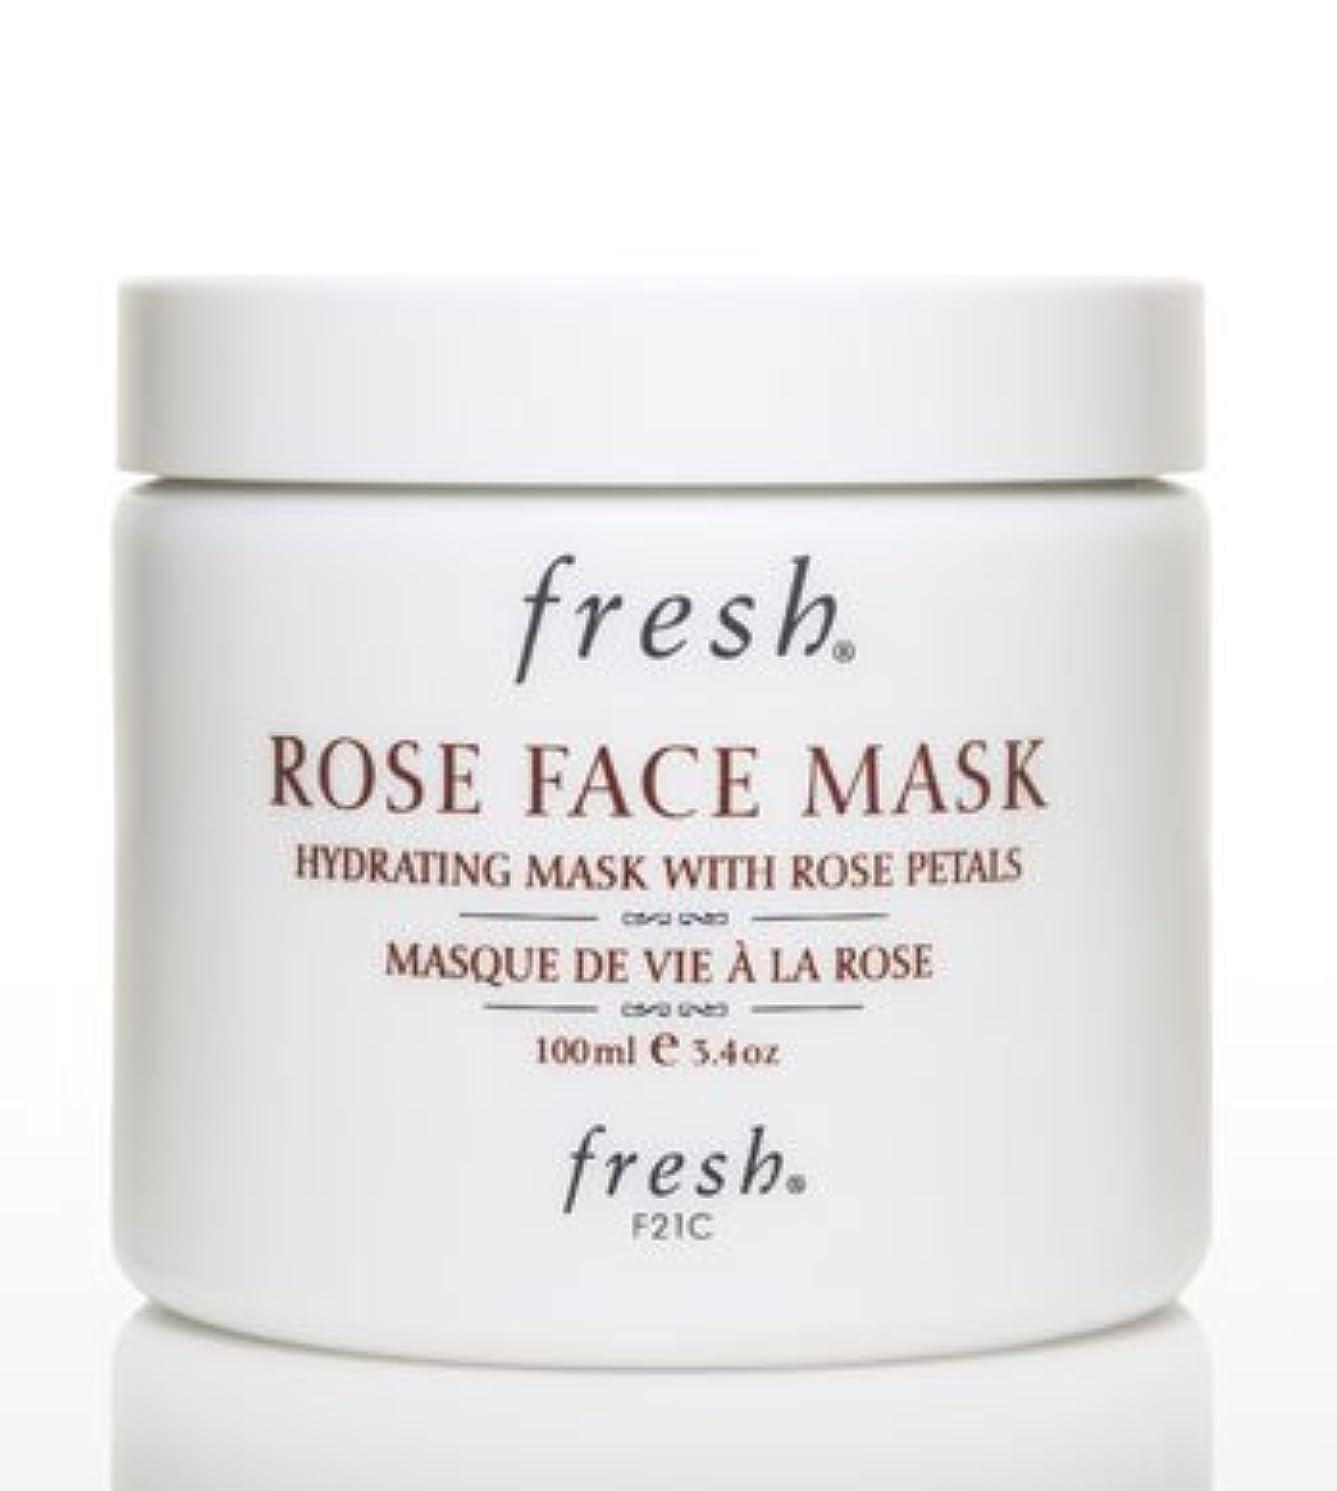 絶滅させるストリームすばらしいですFresh ROSE FACE MASK (フレッシュ ローズフェイスマスク) 3.4 oz (100g) by Fresh for Women